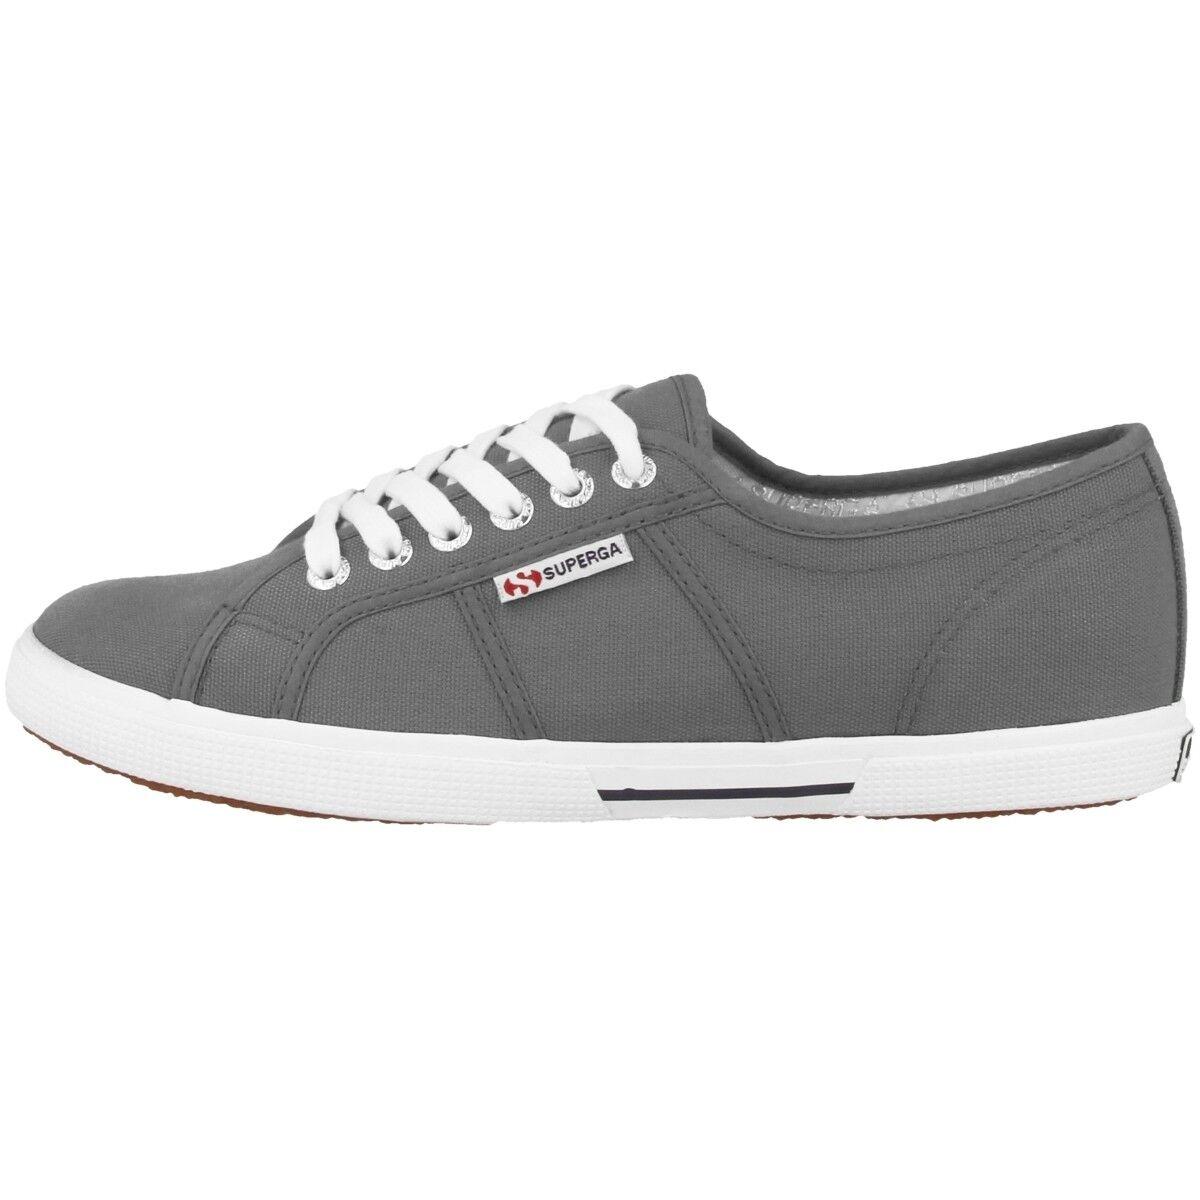 Superga Sport 2950 Cotu Scarpe Unisex Sport Superga Sneaker Casual Sneakers Grigio S003IG0-M38 713e82